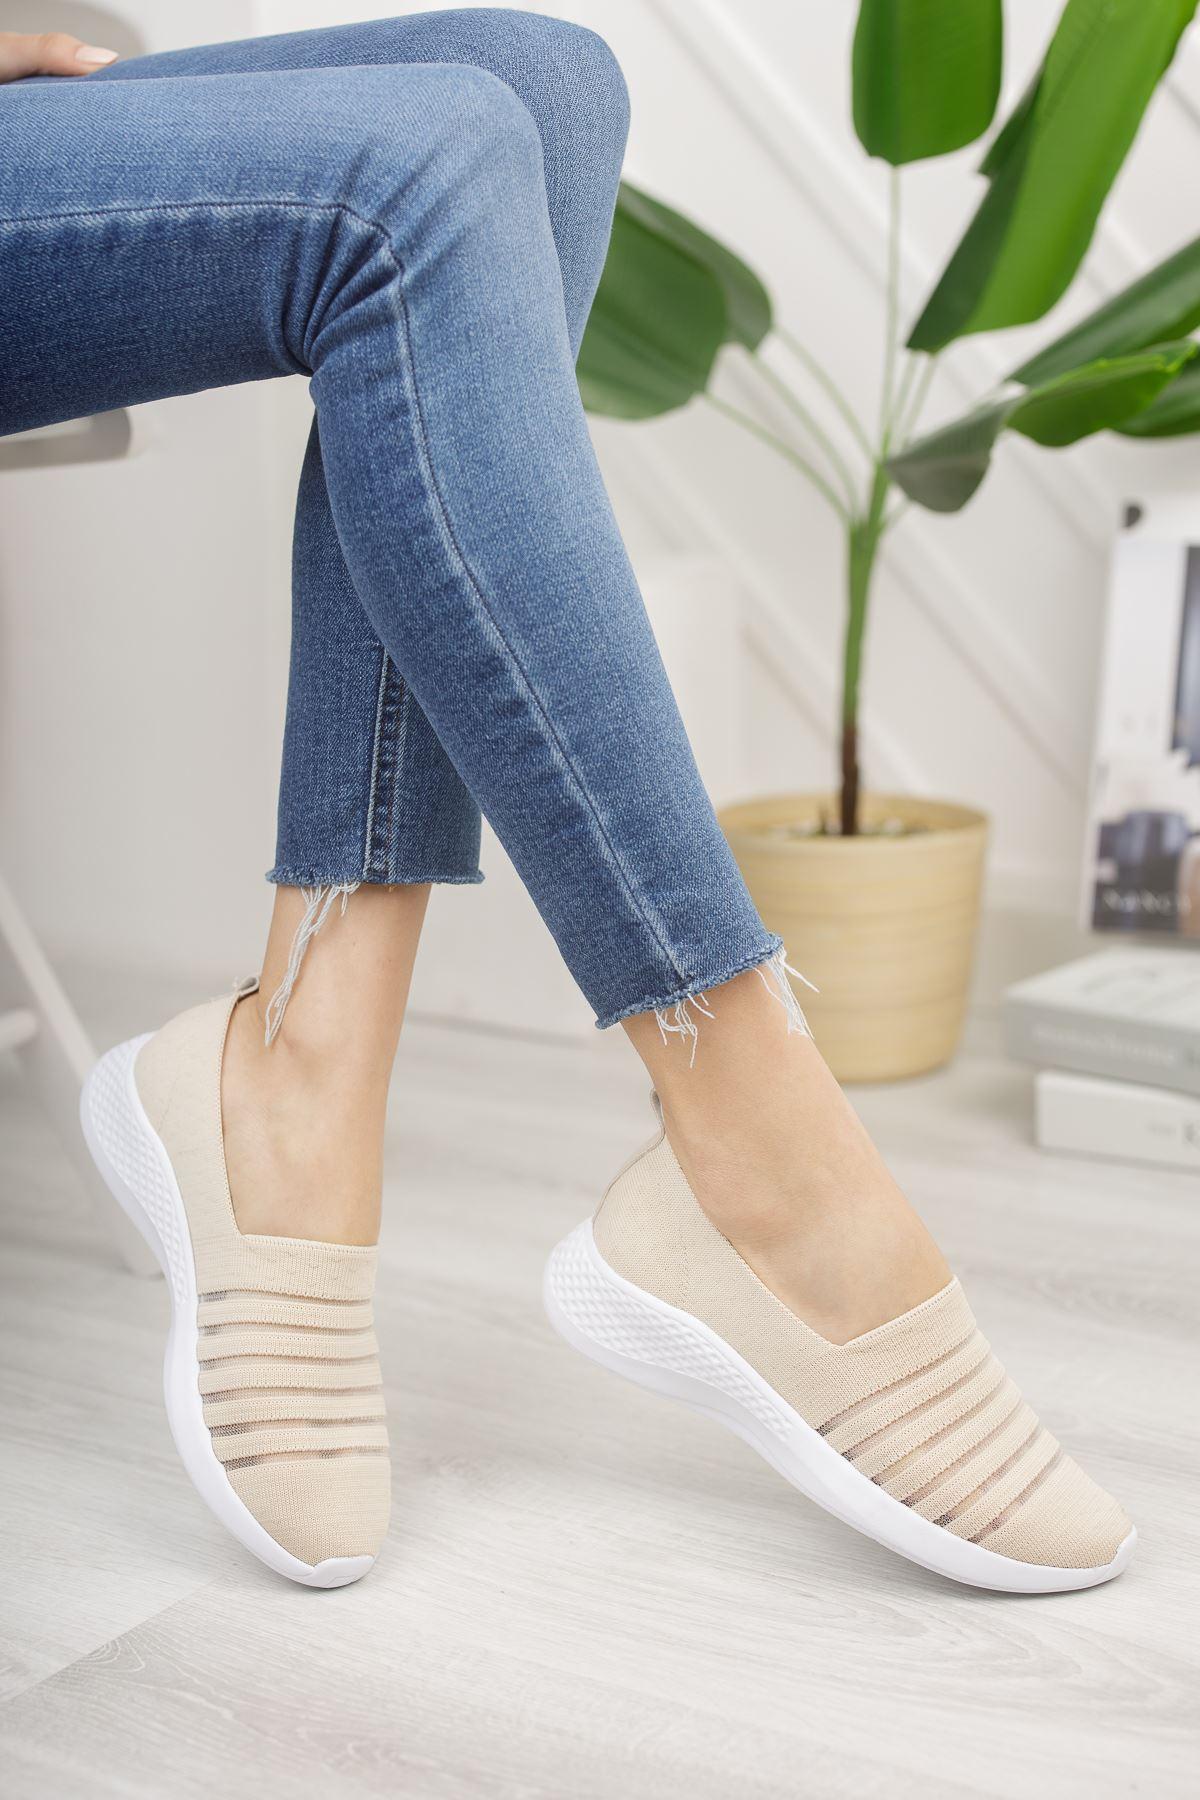 Kadın Leminol File Detaylı Günlük Ten Spor Ayakkabı